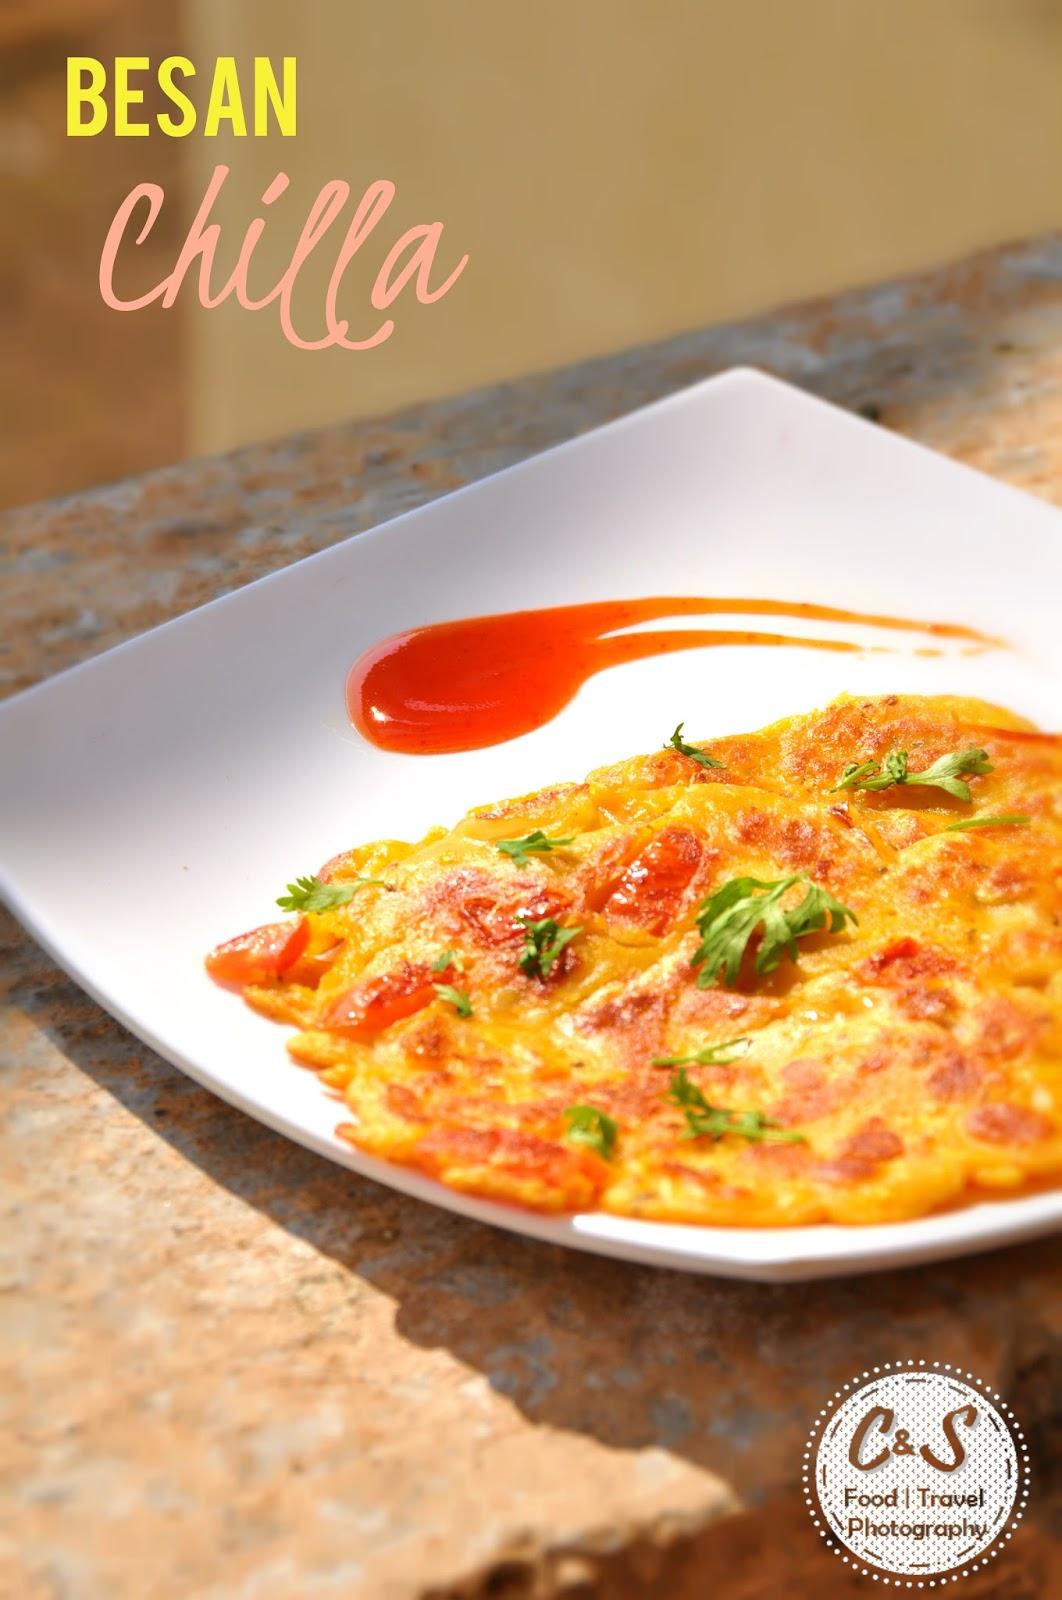 Besan ka Chilla or Vegetarian Omlette